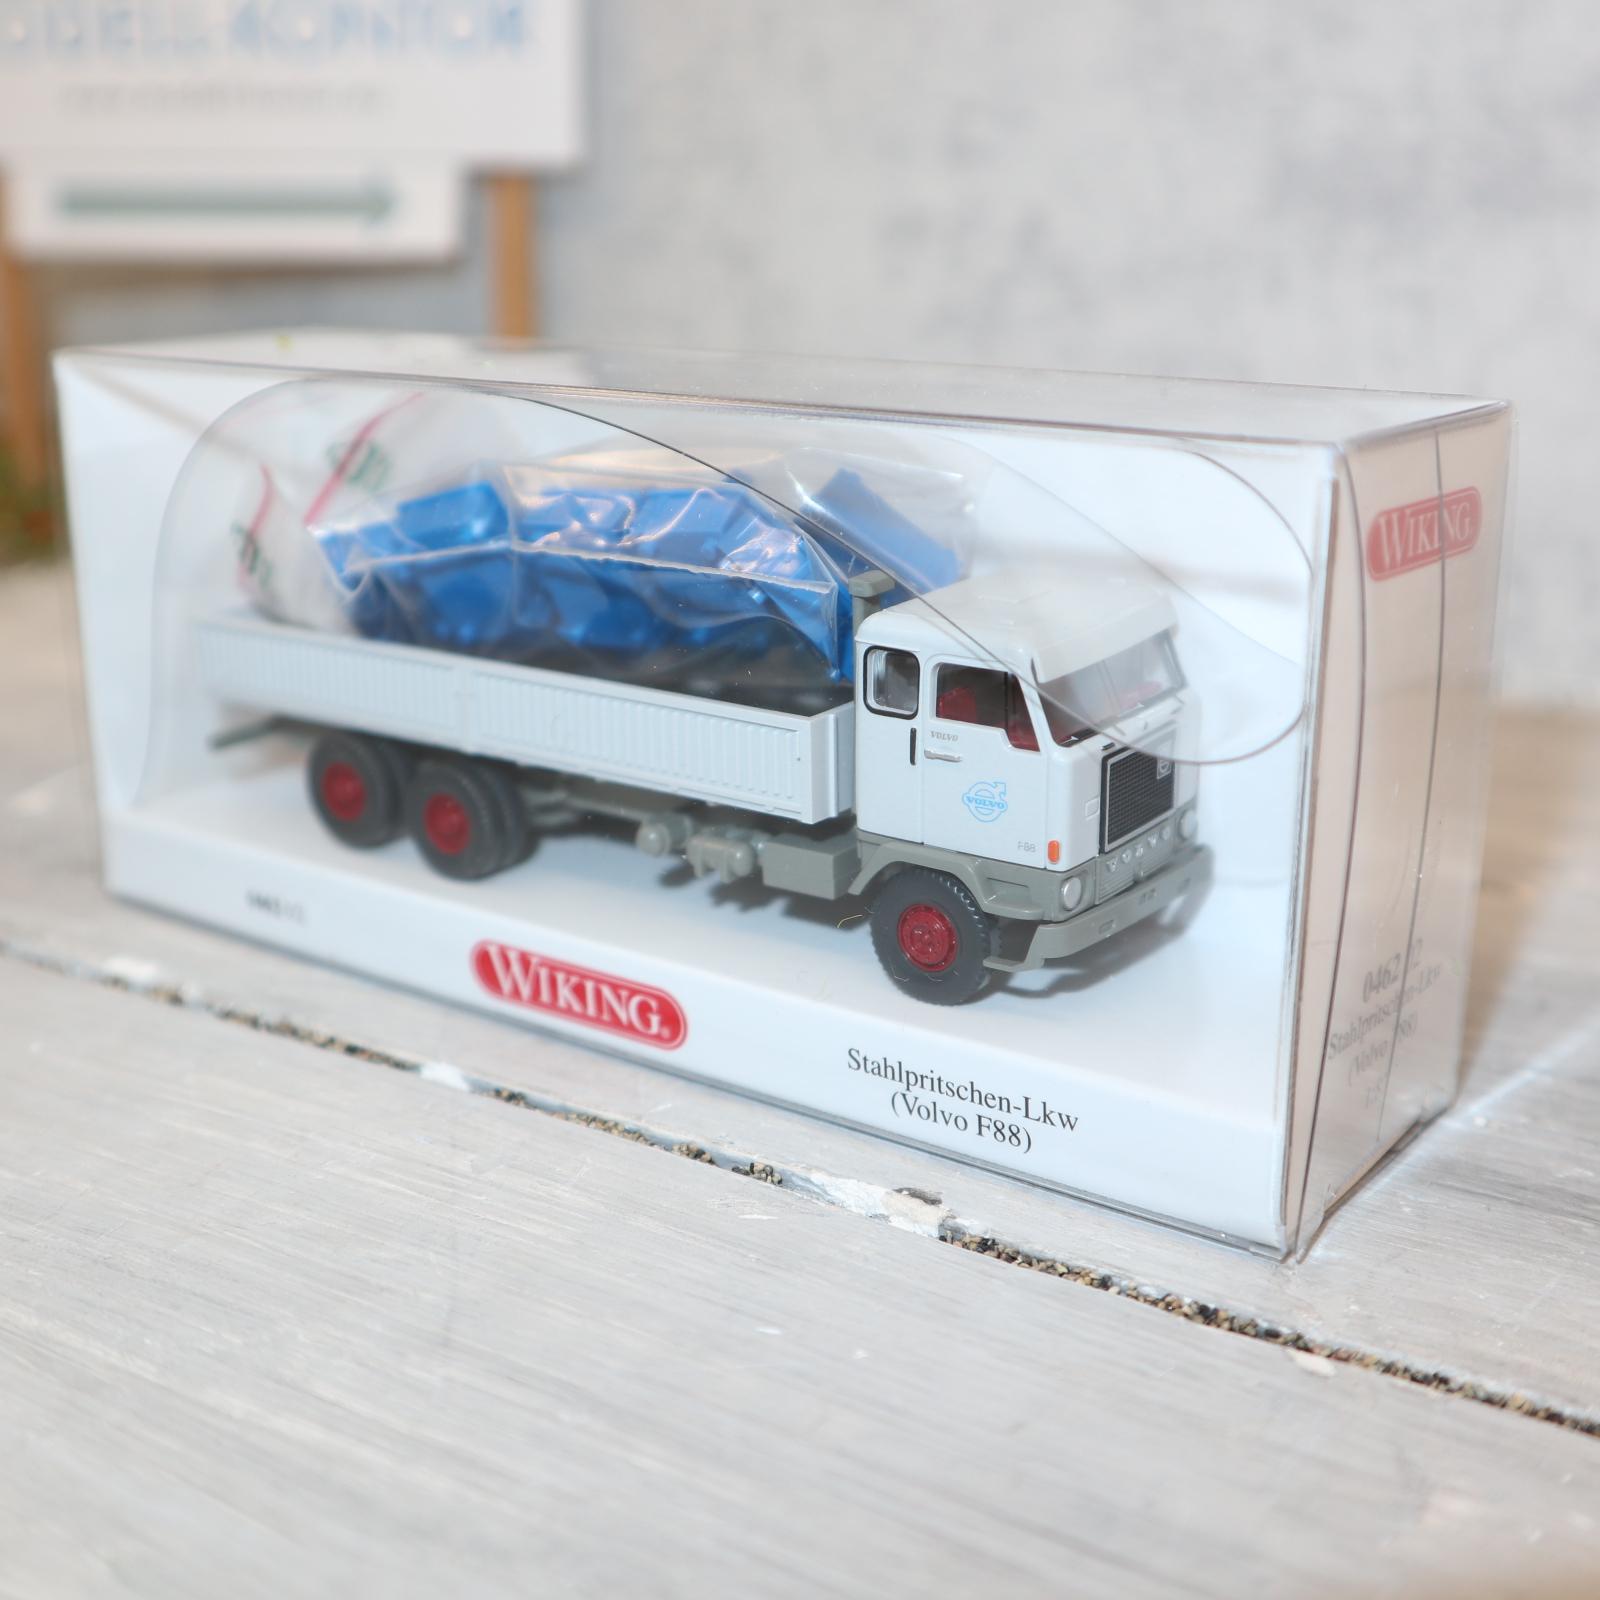 Wiking 046202 1:87 VOLVO F88 3-Achser Stahlpritsche GRAU mit blauen Kisten NEU in OVP